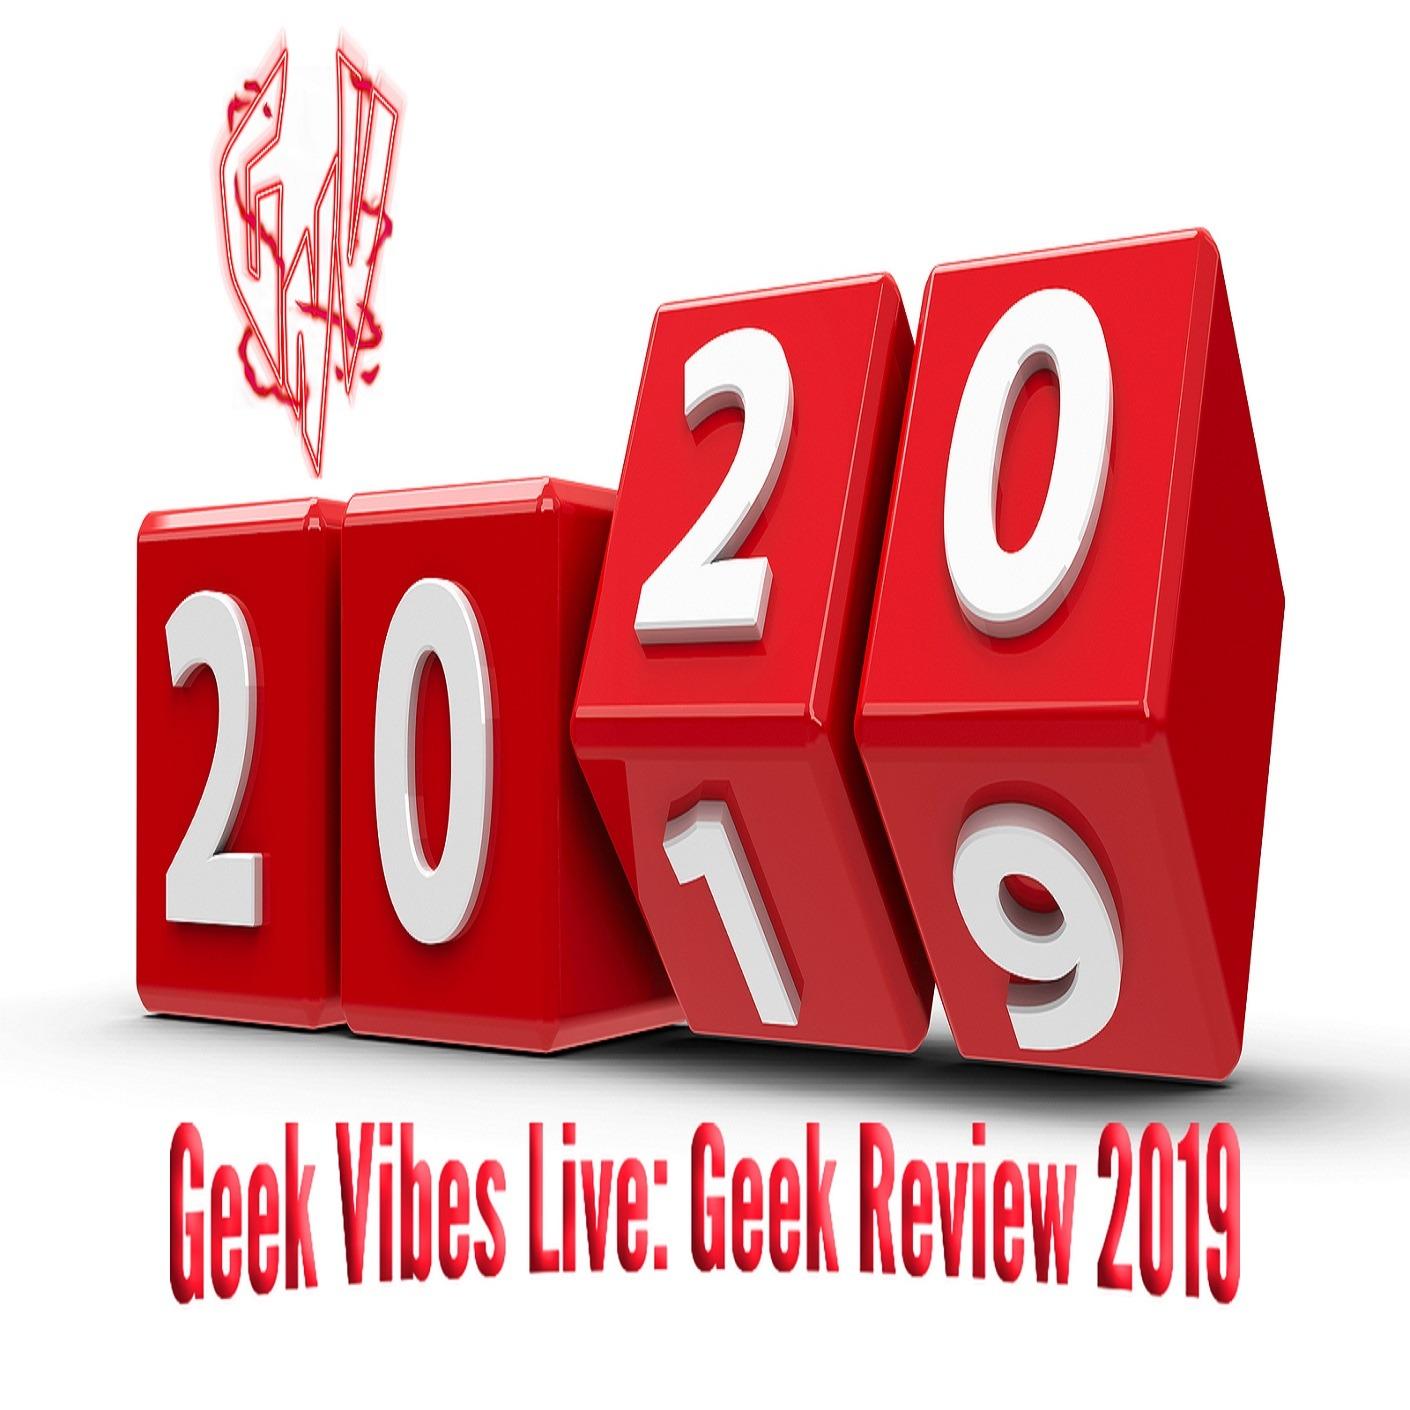 Geek Vibes Live: Geek Review 2019